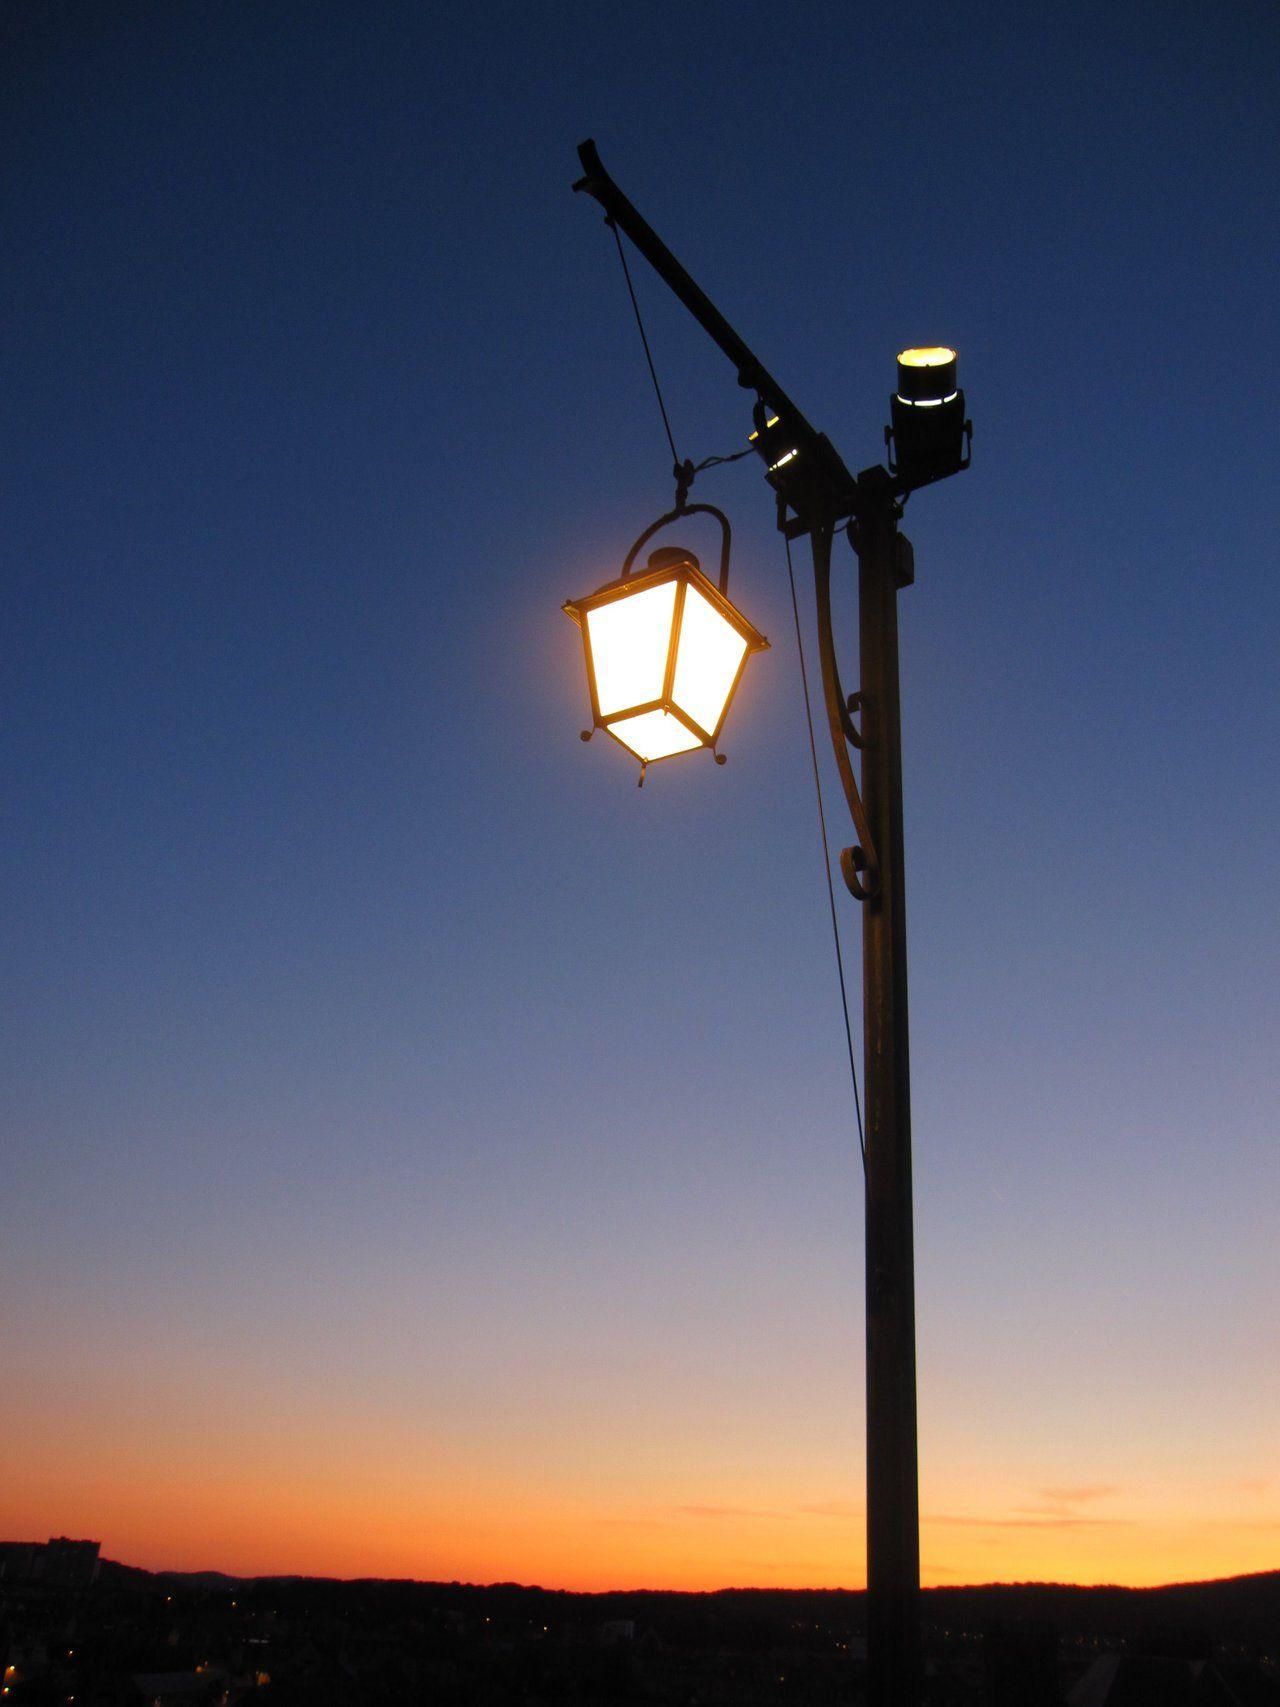 Street Lamp At Night Wallpaper | www.pixshark.com - Images ...